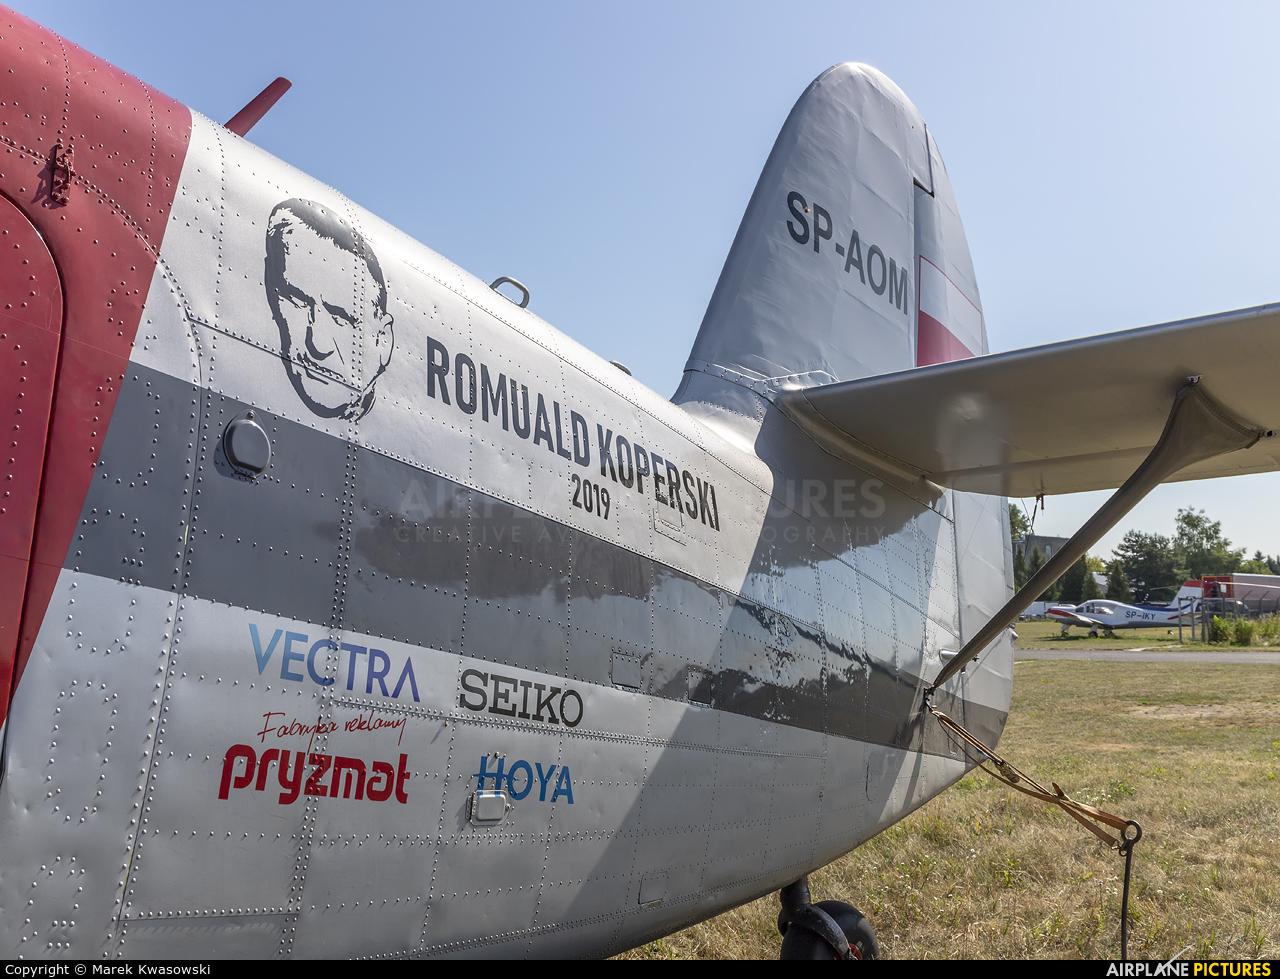 Aeroklub Dolnosląski SP-AOM aircraft at Warsaw - Frederic Chopin